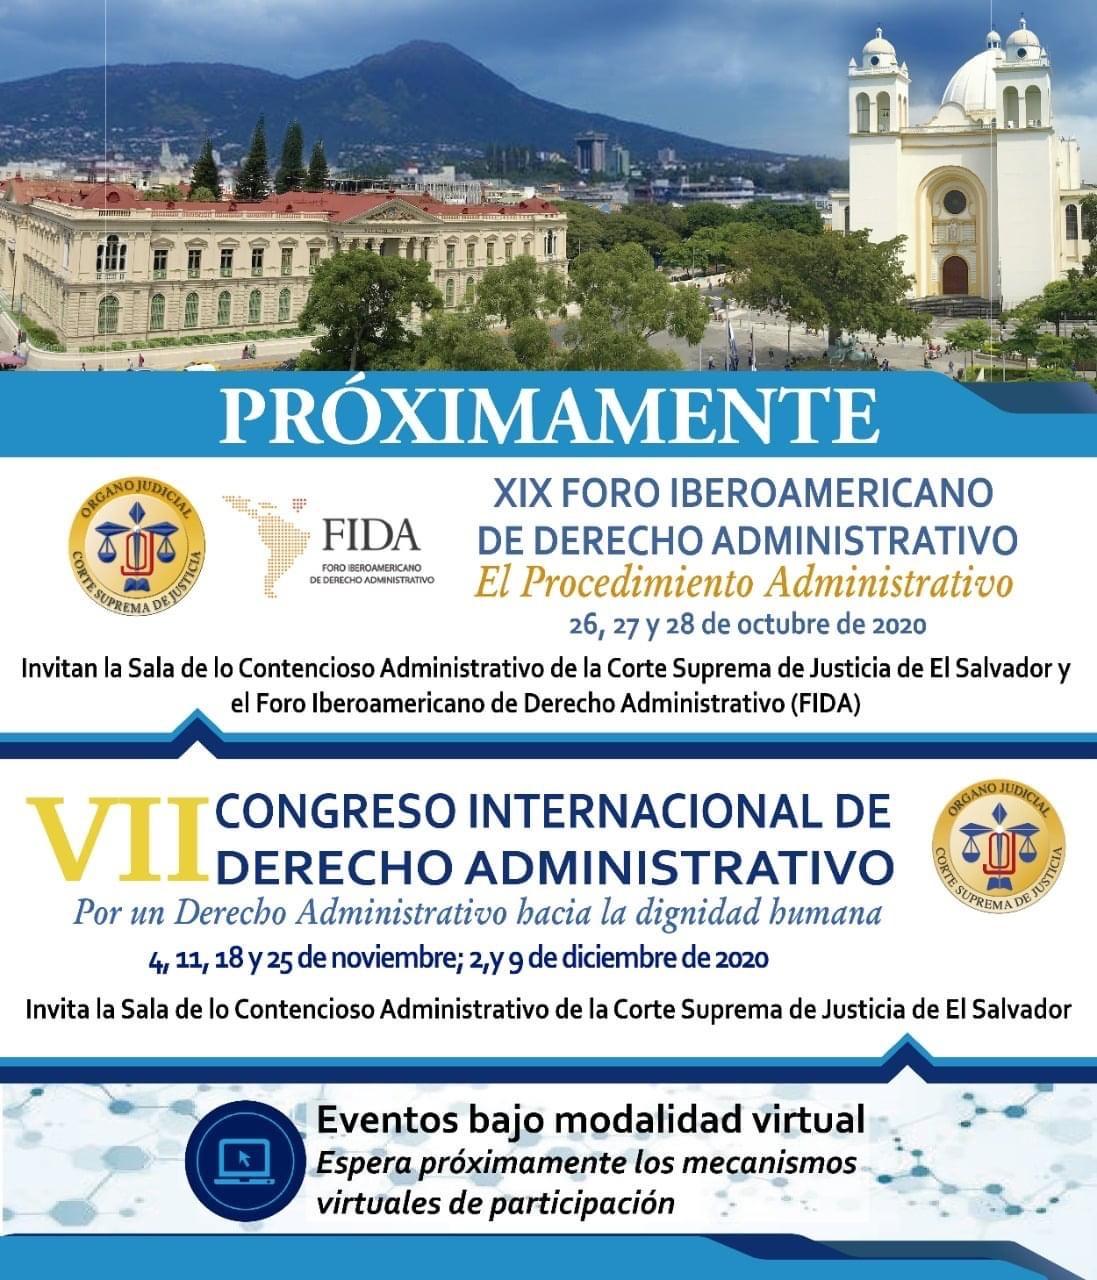 Conferencias del Foro & Congreso Iberoamericano de Derecho Administrativo